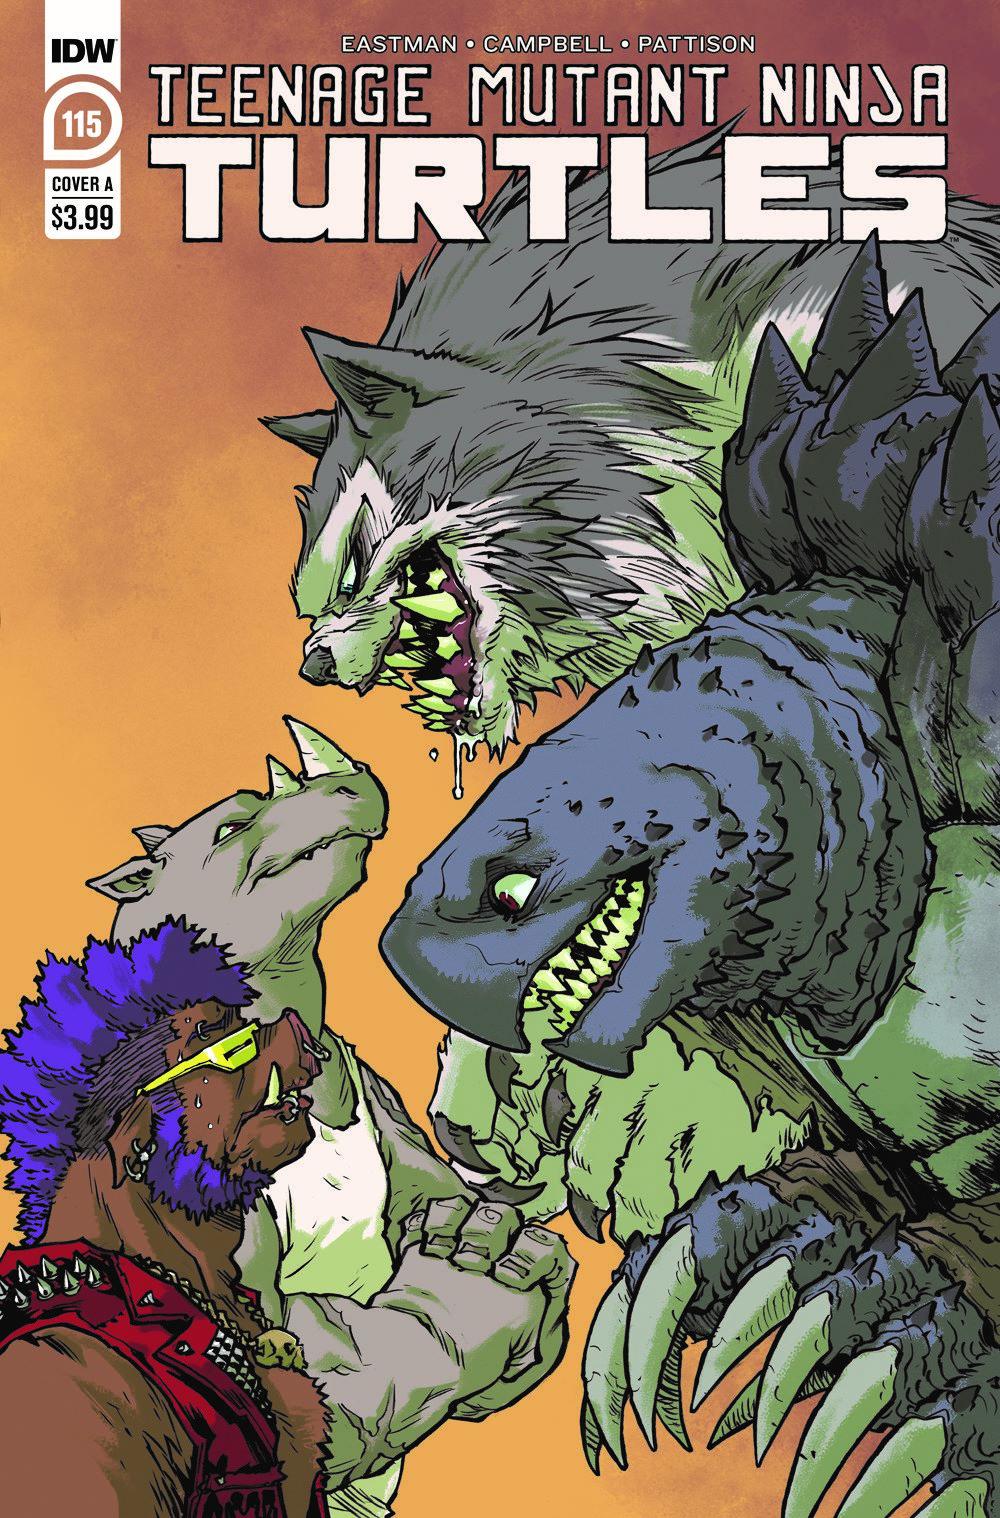 TMNT115_cvrA ComicList Previews: TEENAGE MUTANT NINJA TURTLES #115